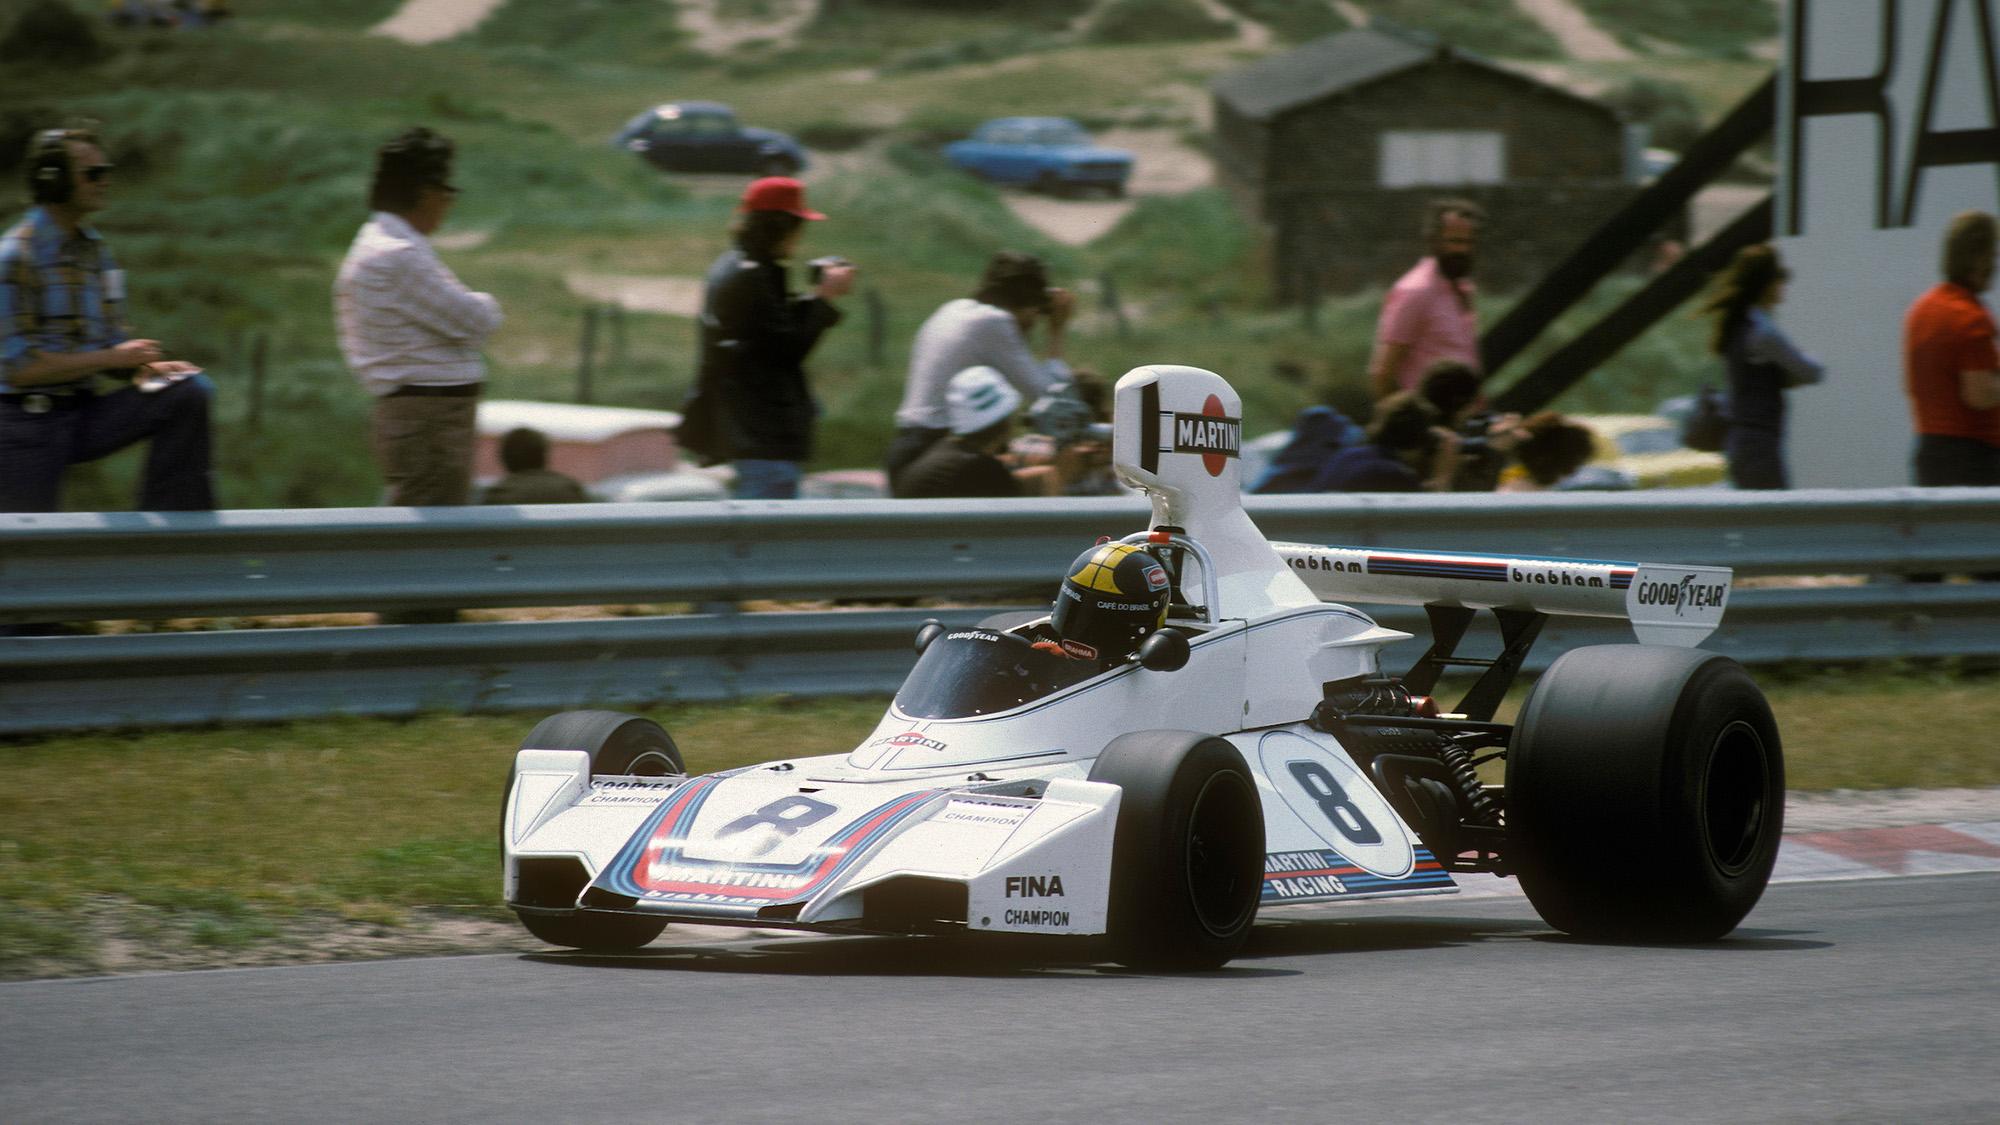 Carlos Pace in the 1975 Dutch Grand Prix at Zandvoort